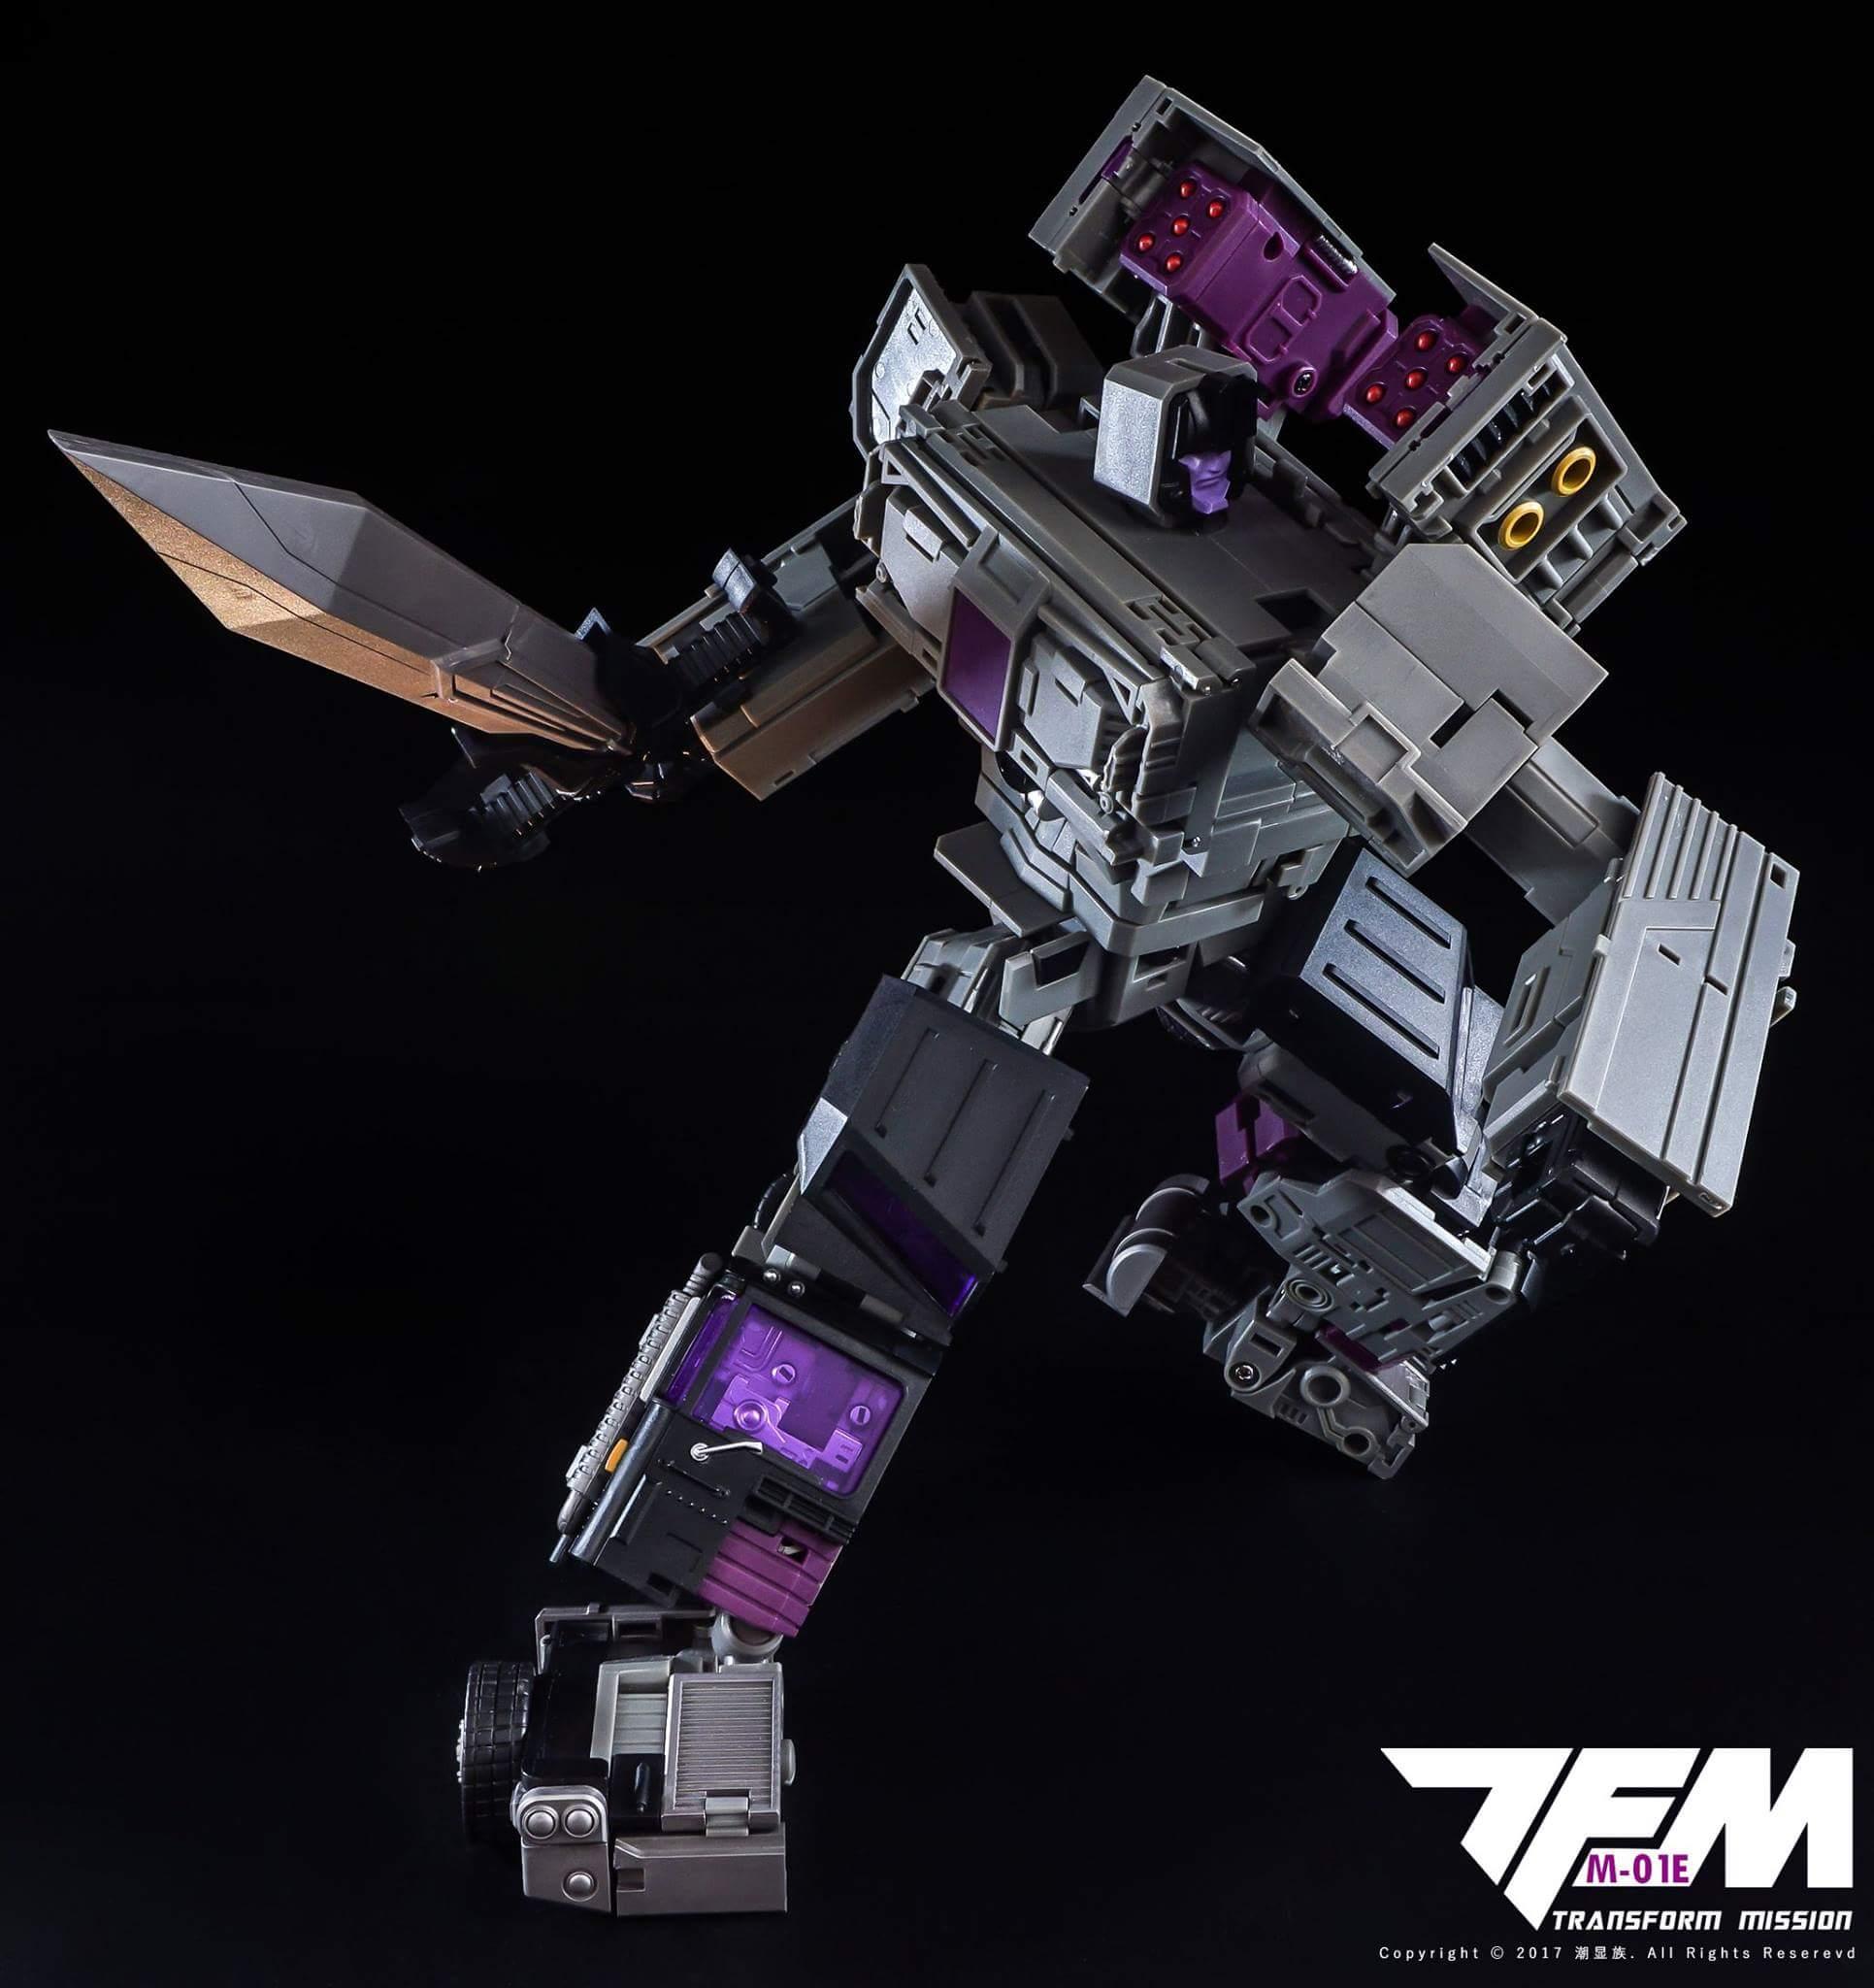 [Transform Mission] Produit Tiers - Jouet M-01 AutoSamurai - aka Menasor/Menaseur des BD IDW - Page 4 F576Ujik